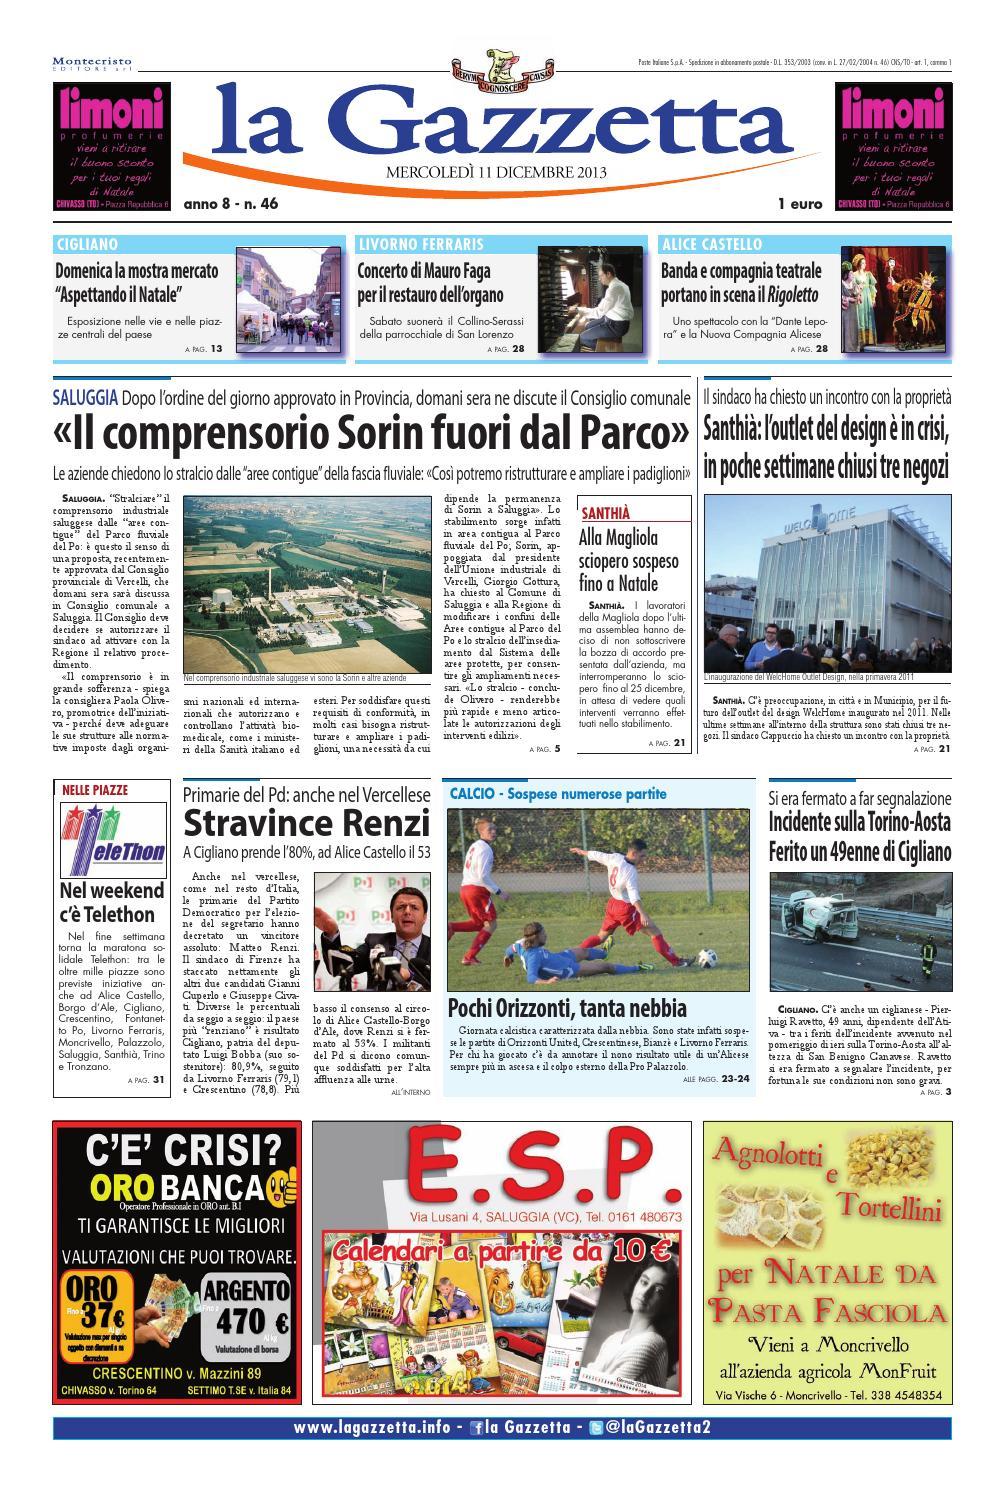 1b9db1408d la Gazzetta 11 dicembre 2013 by La Gazzetta - issuu